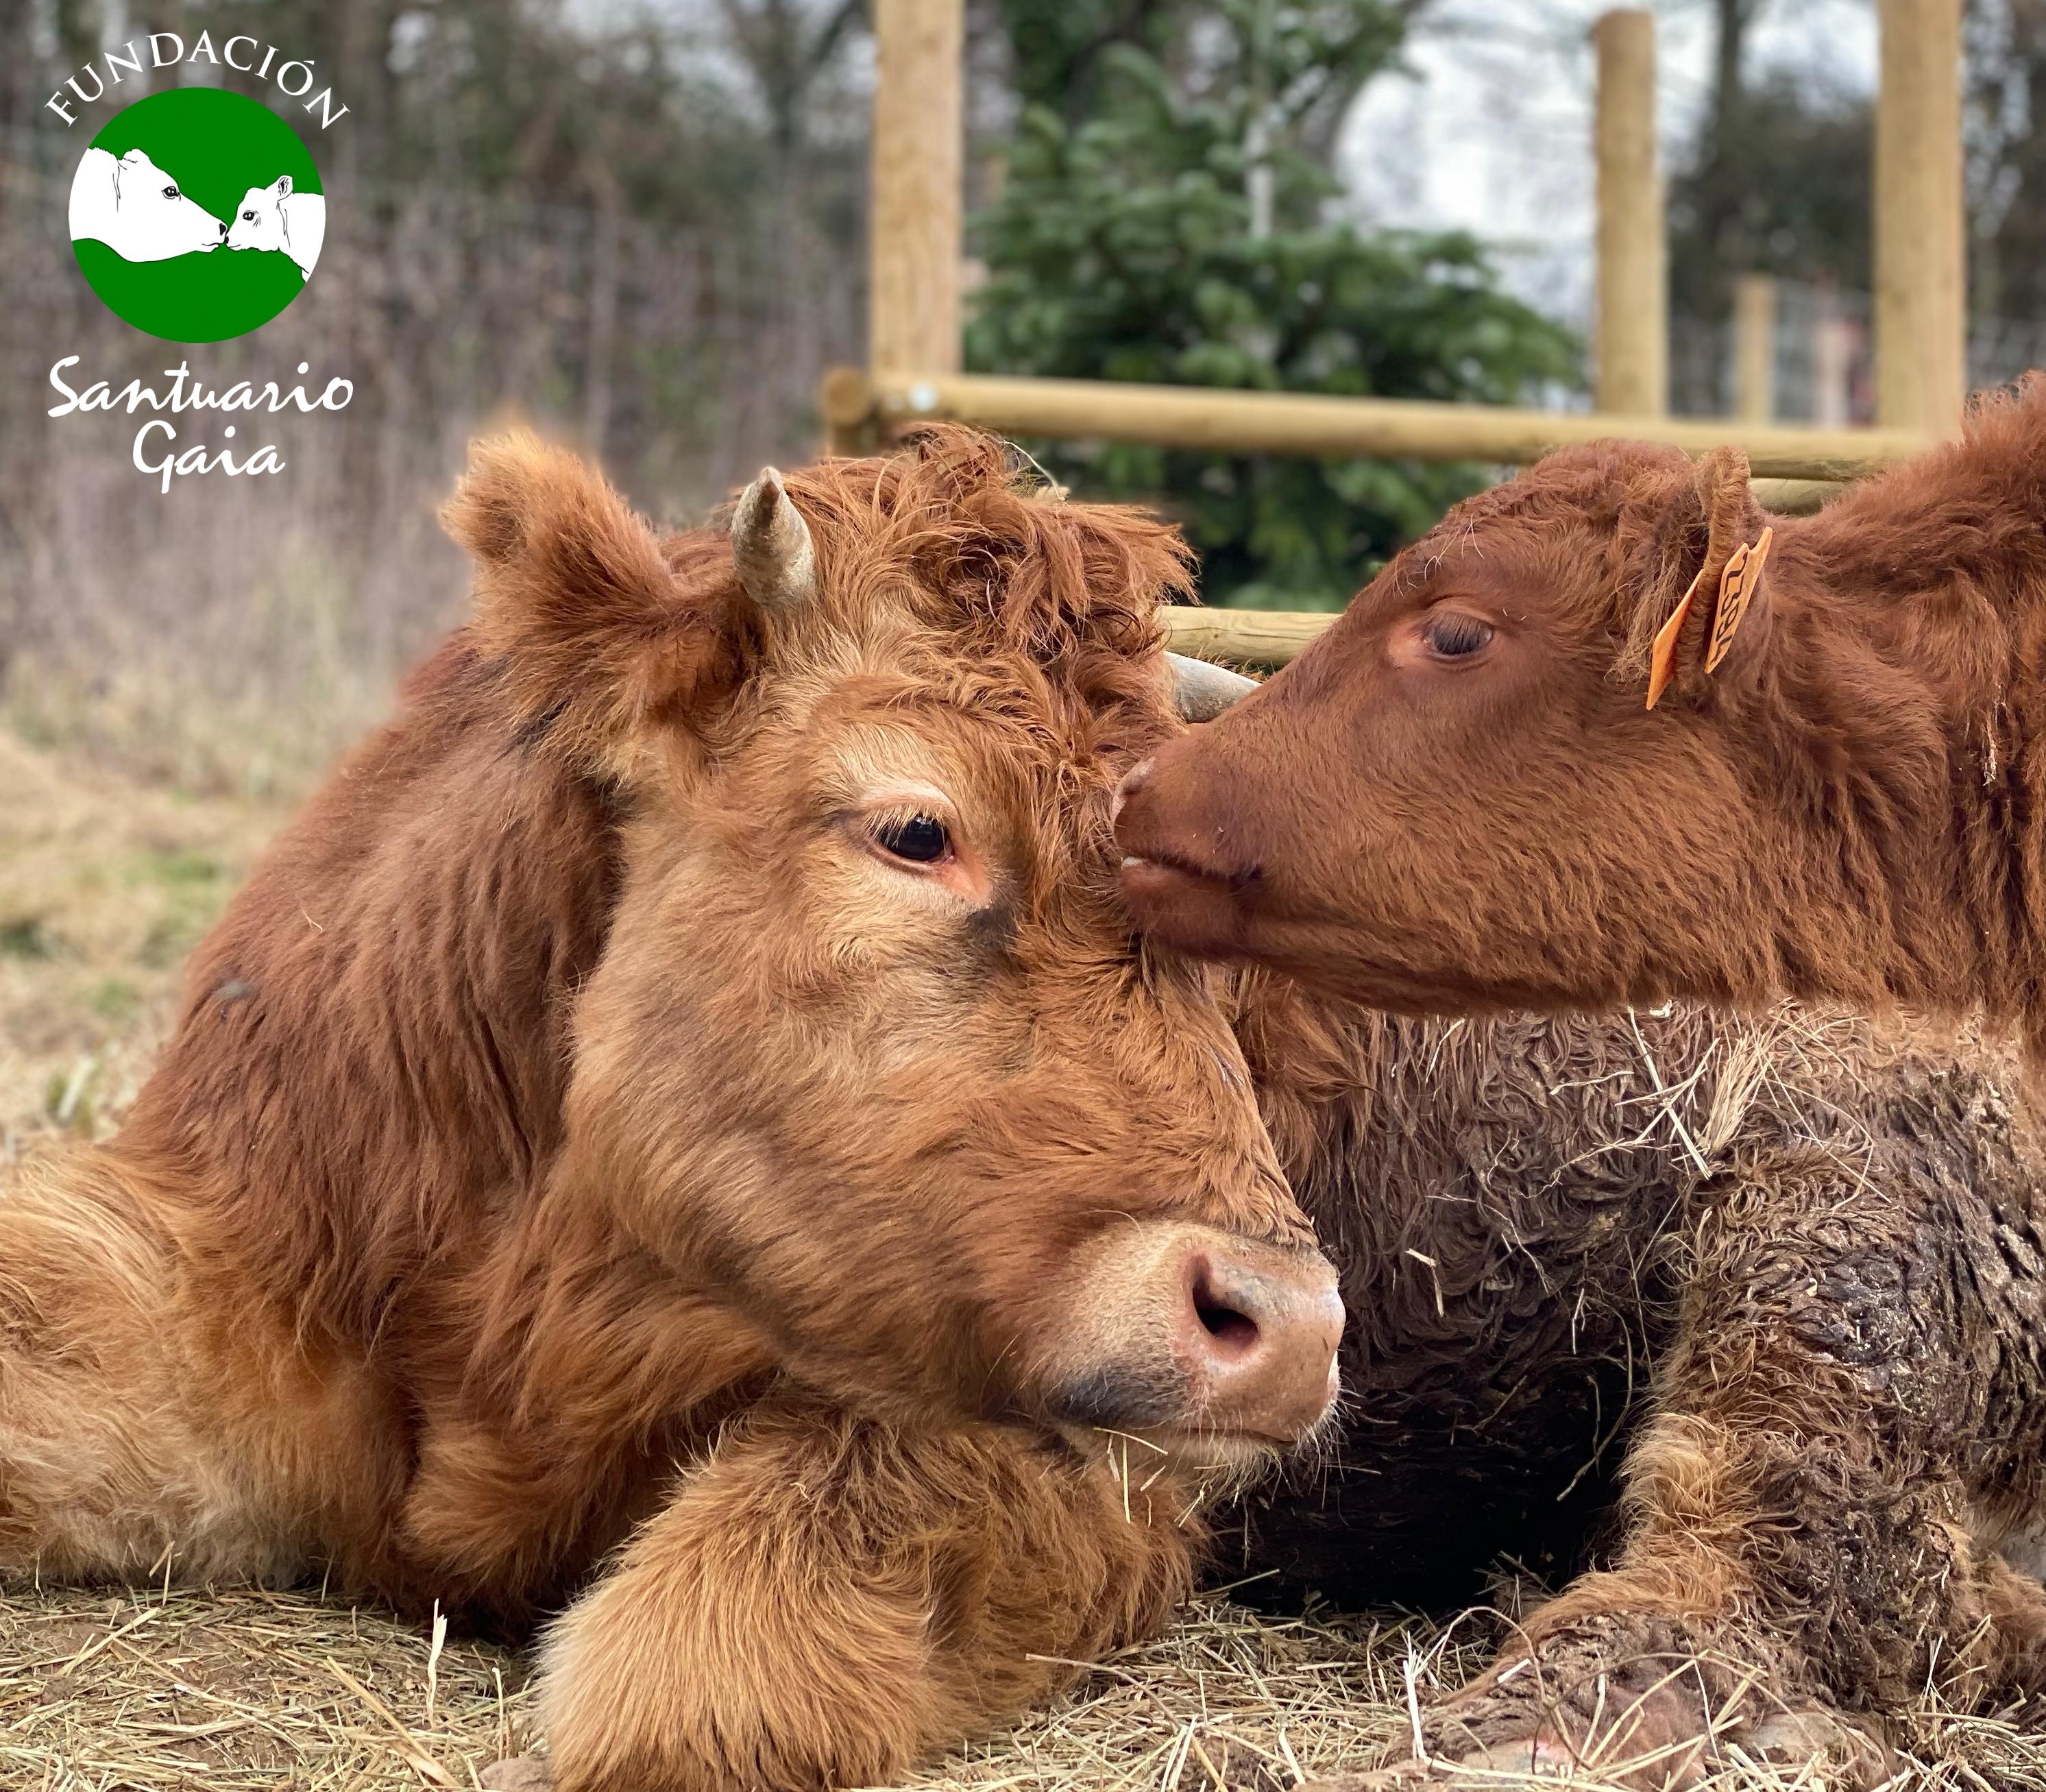 La ternera rescatada Venus y el toro rescatado Stefano se dan cariño en el refugio de animales Santuario Gaia situado en Camprodon